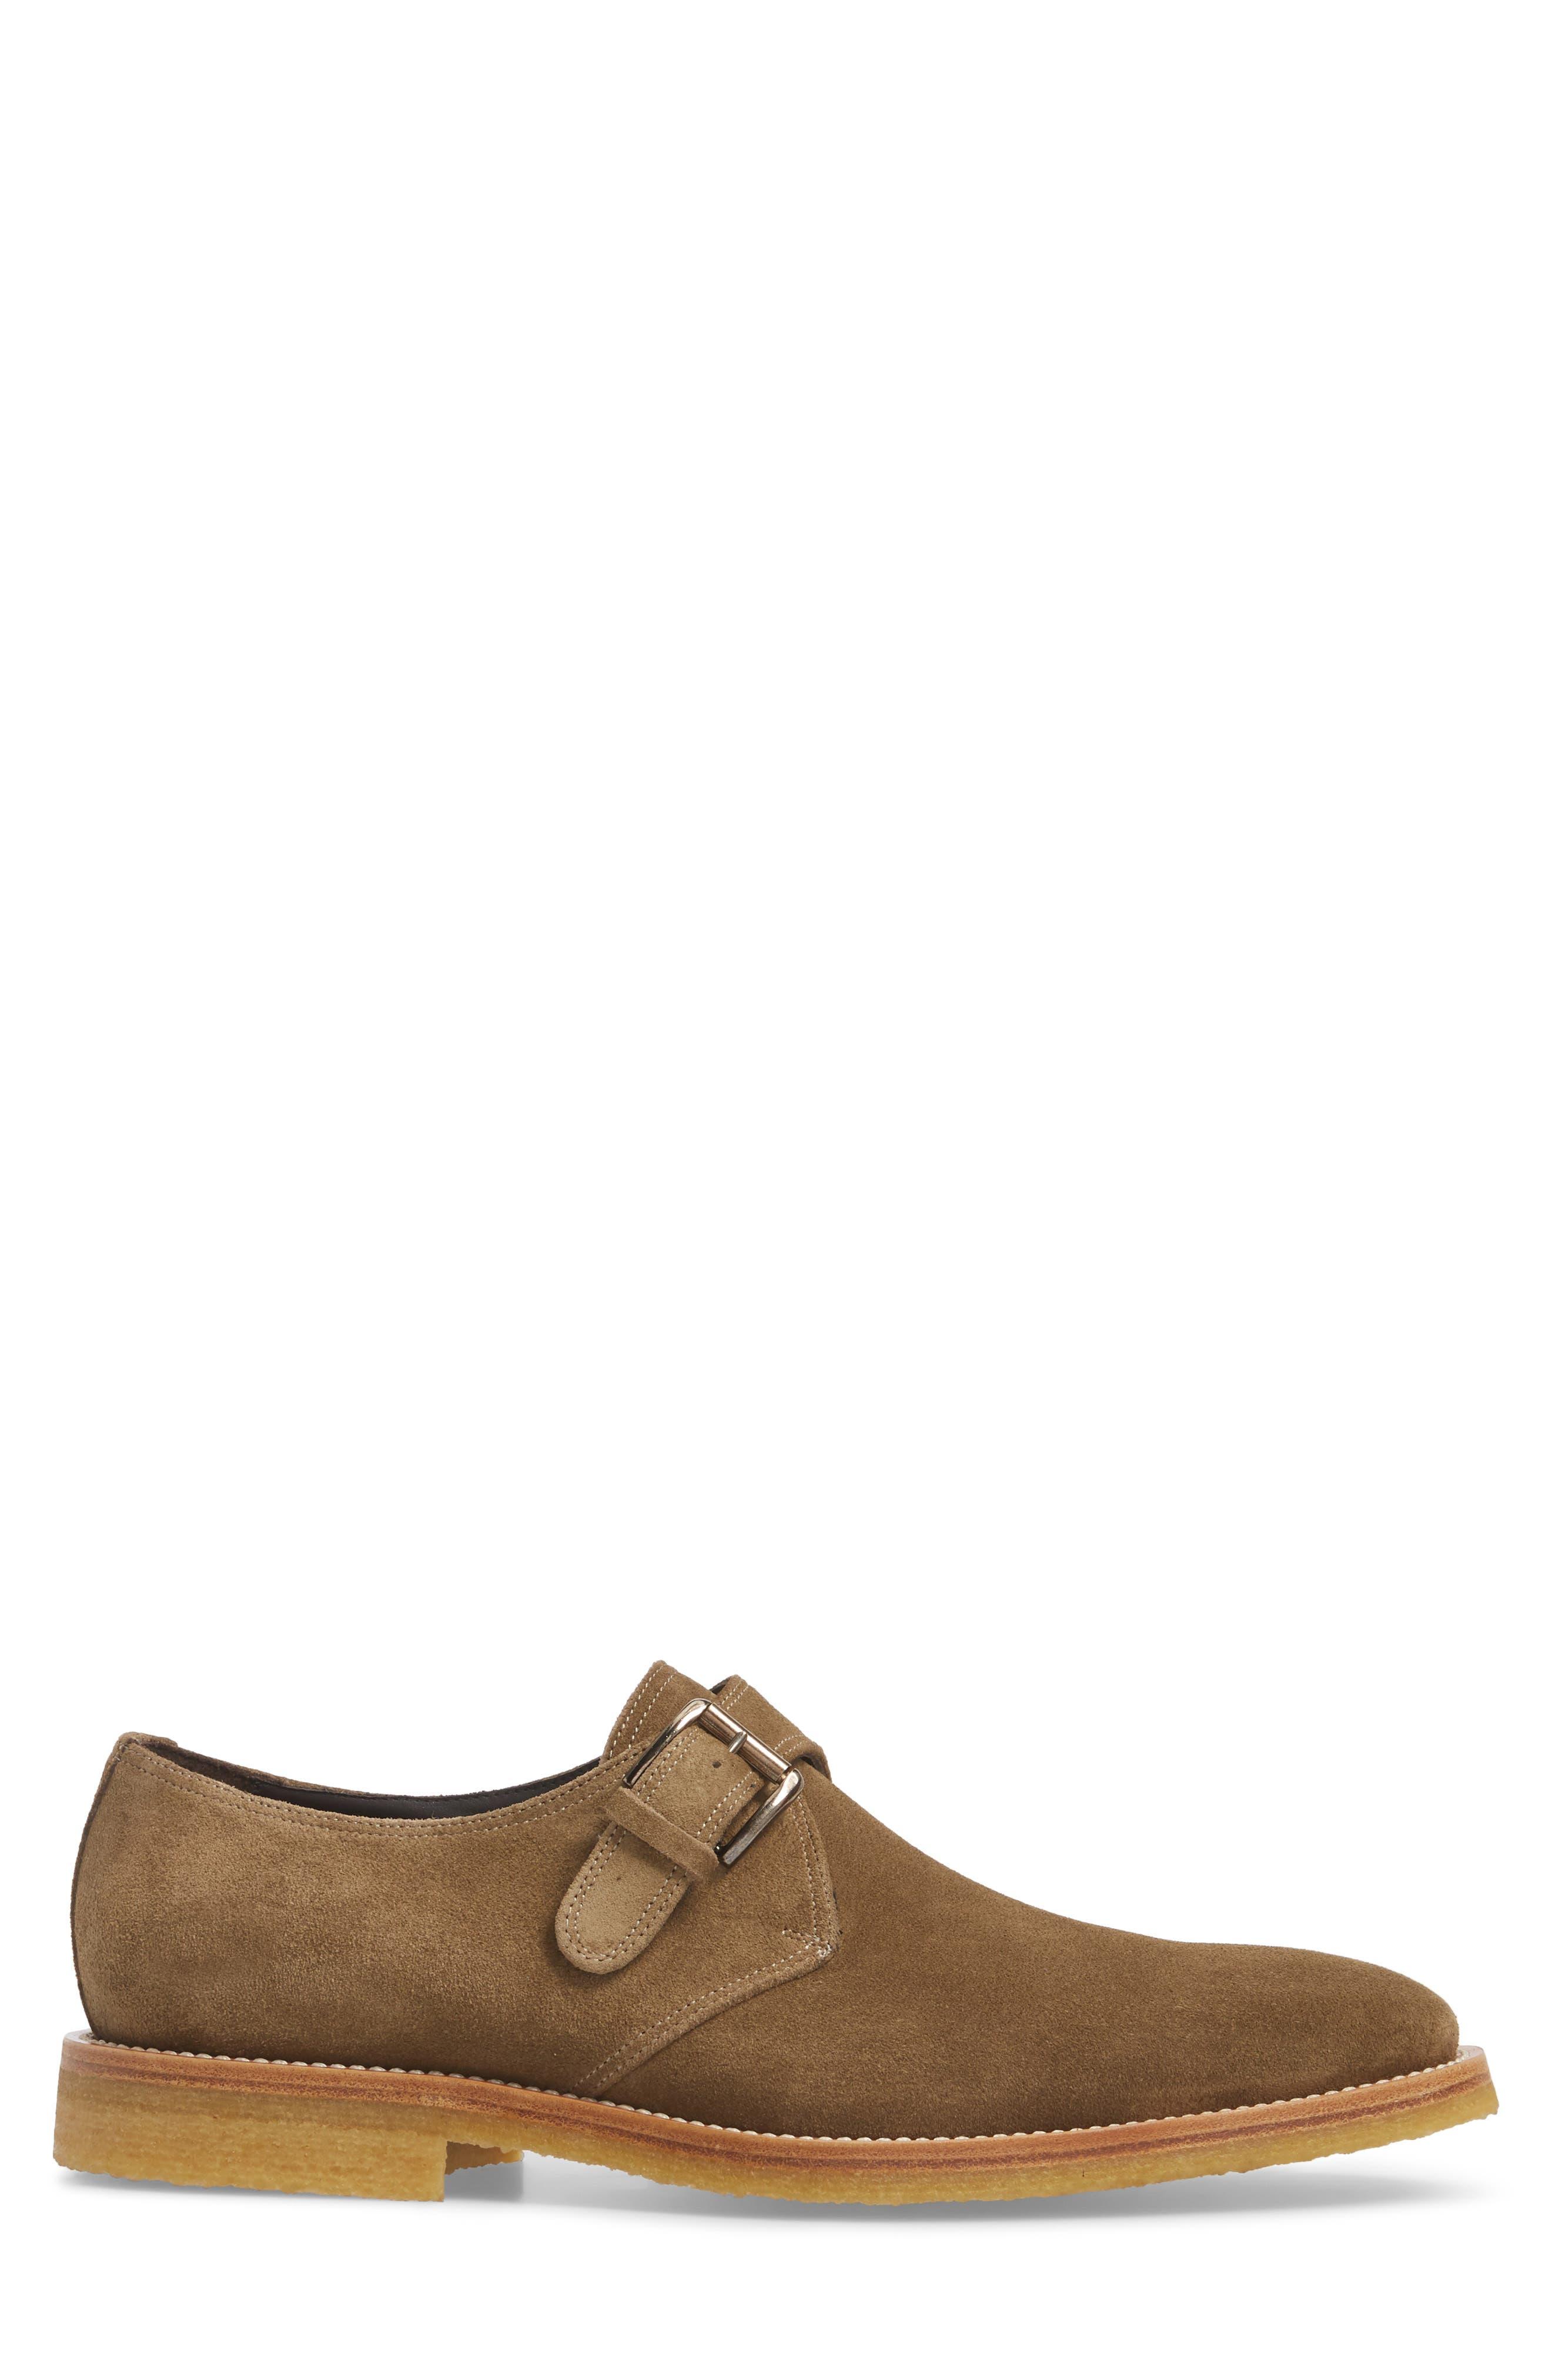 Baldwin Plain Toe Monk Shoe,                             Alternate thumbnail 3, color,                             Taupe Suede